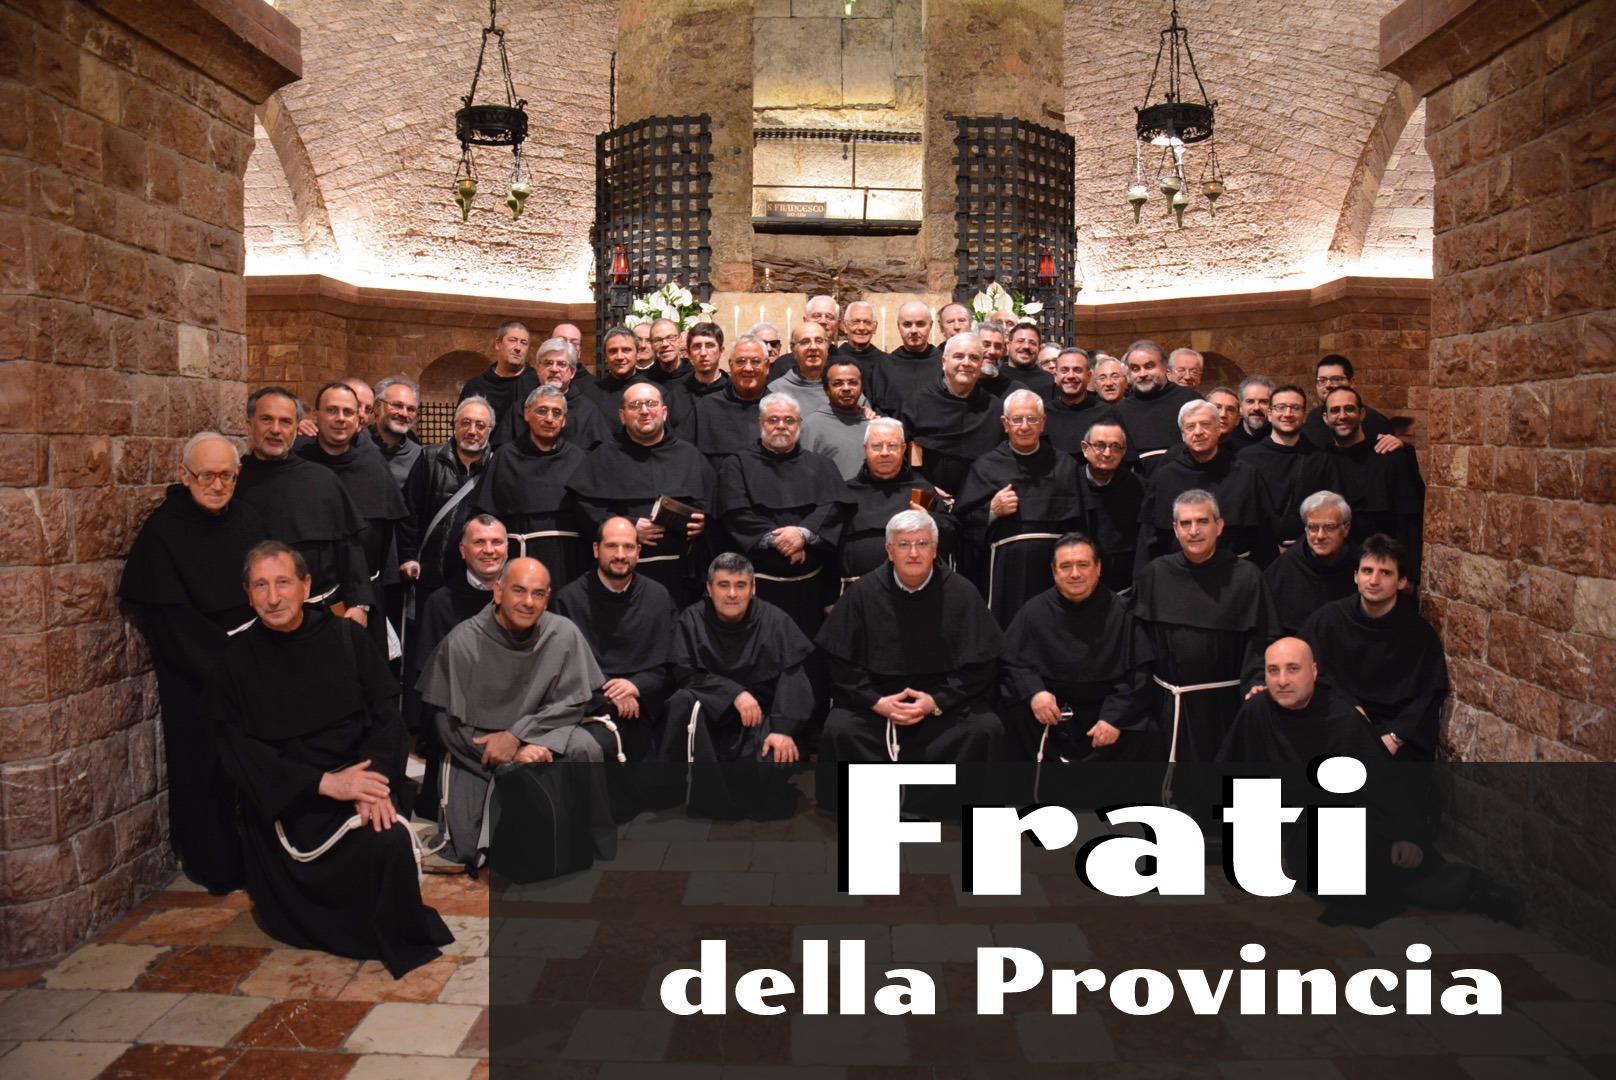 Frati della Provincia